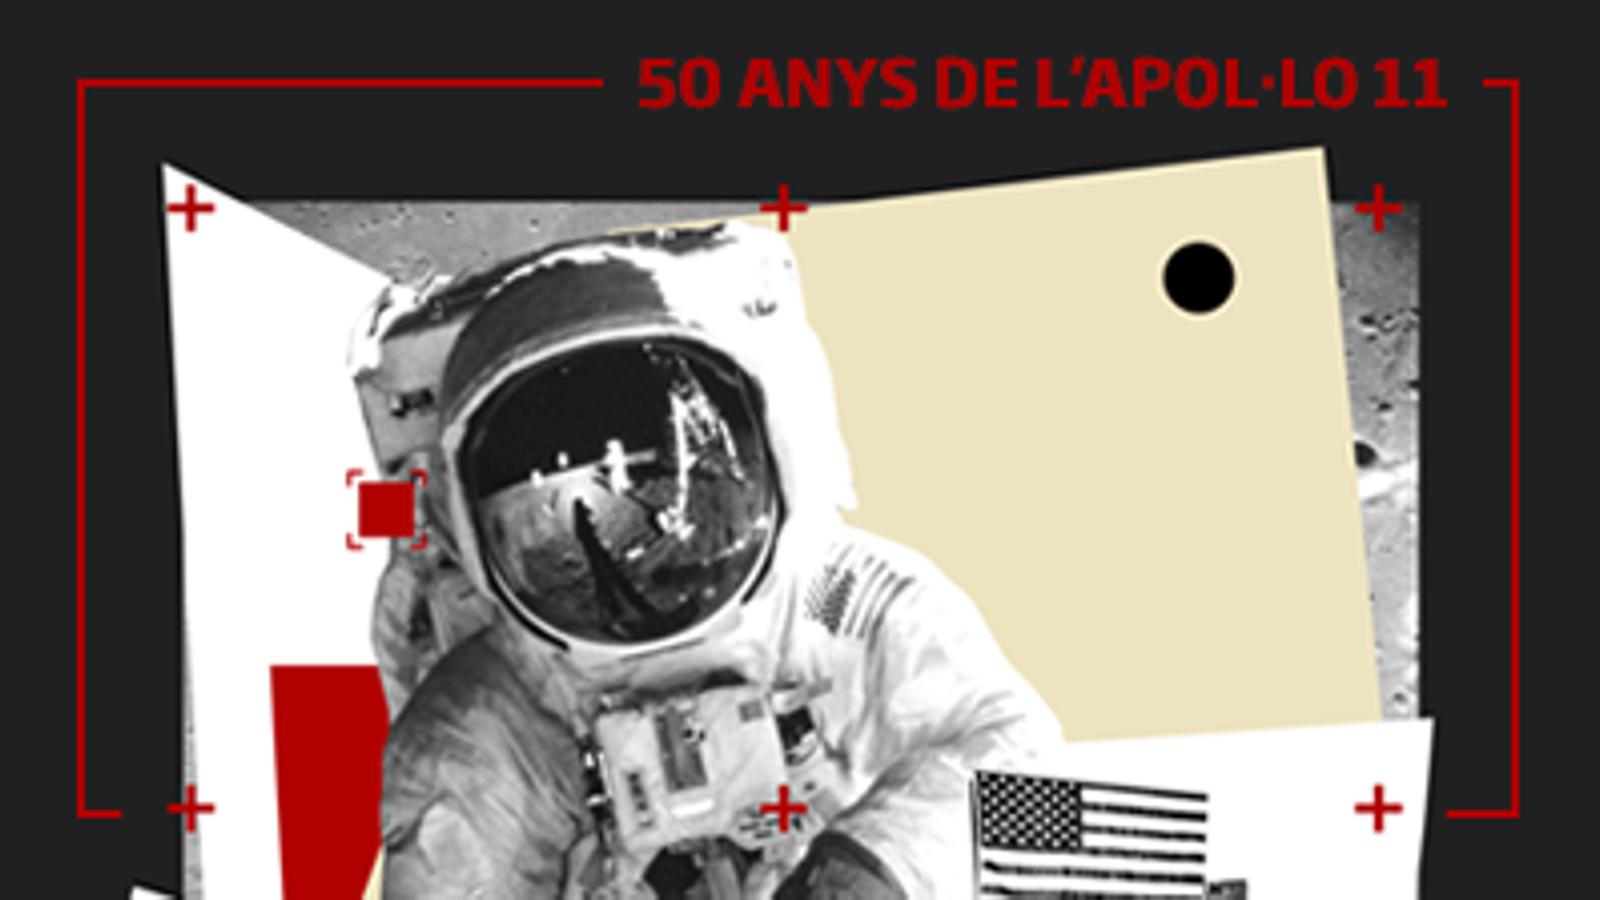 50 anys del primer viatge a la Lluna en 25 xifres